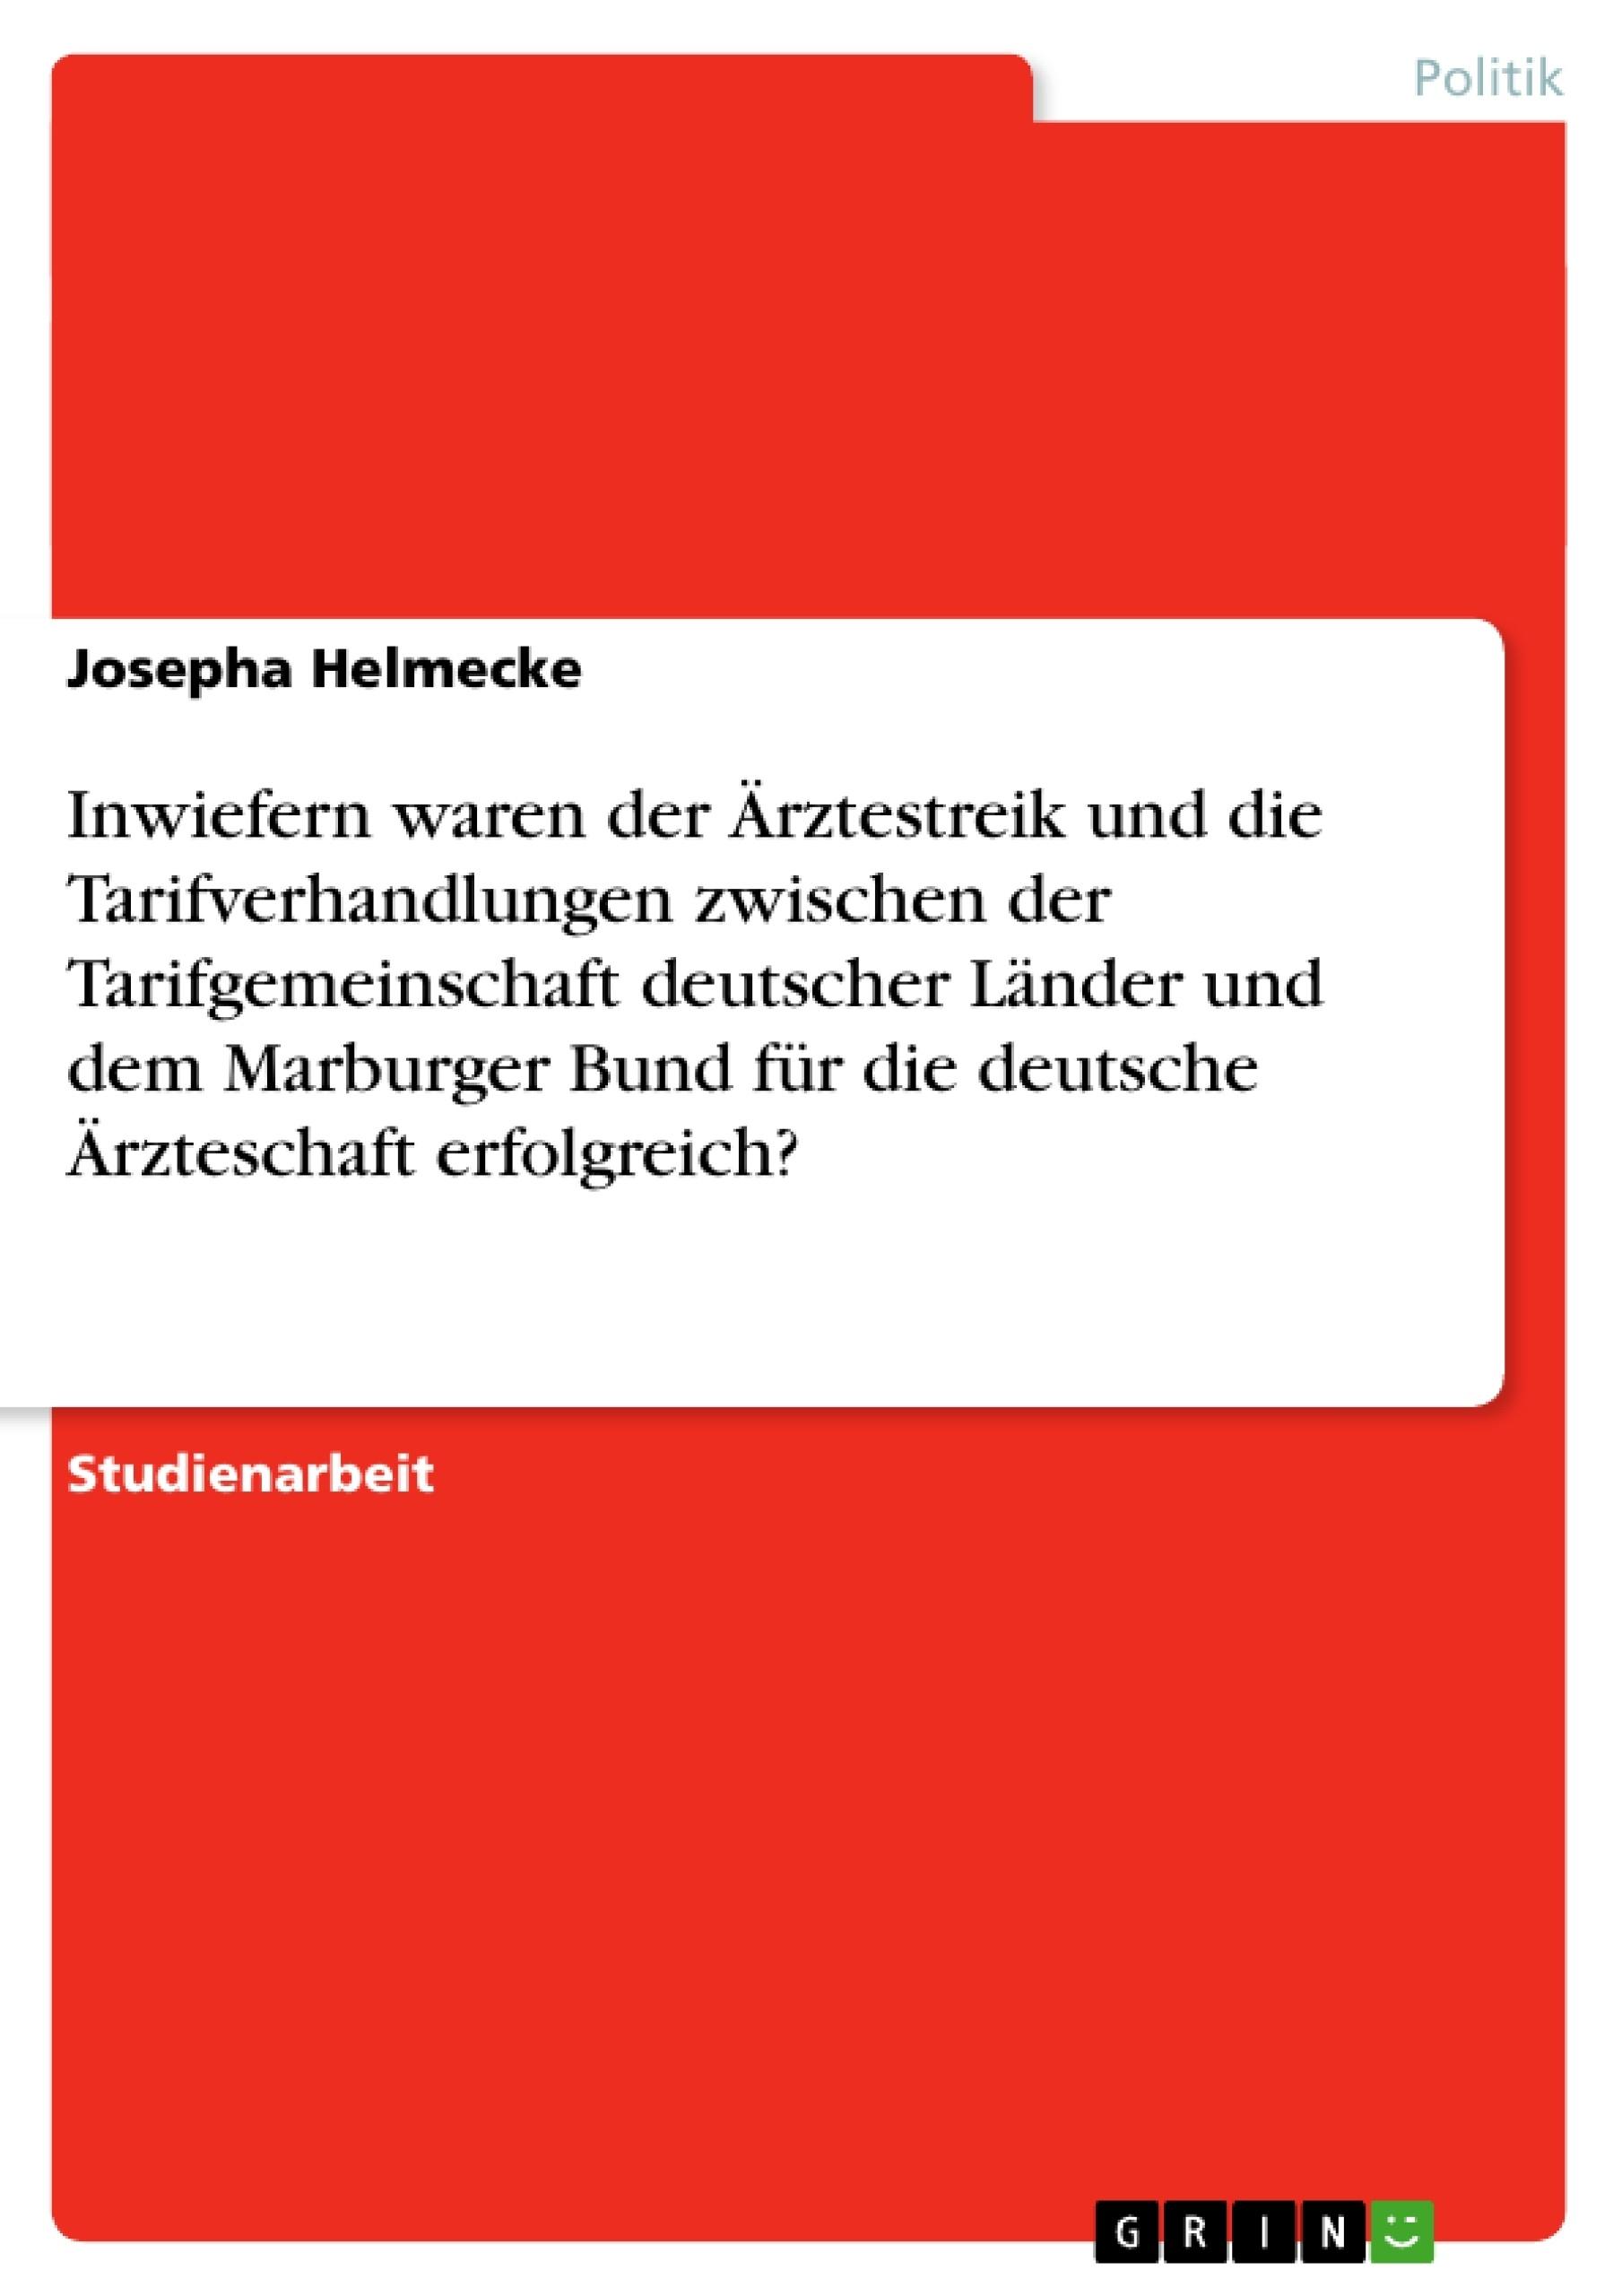 Titel: Inwiefern waren der Ärztestreik und die Tarifverhandlungen zwischen der Tarifgemeinschaft deutscher Länder und dem Marburger Bund für die deutsche Ärzteschaft erfolgreich?